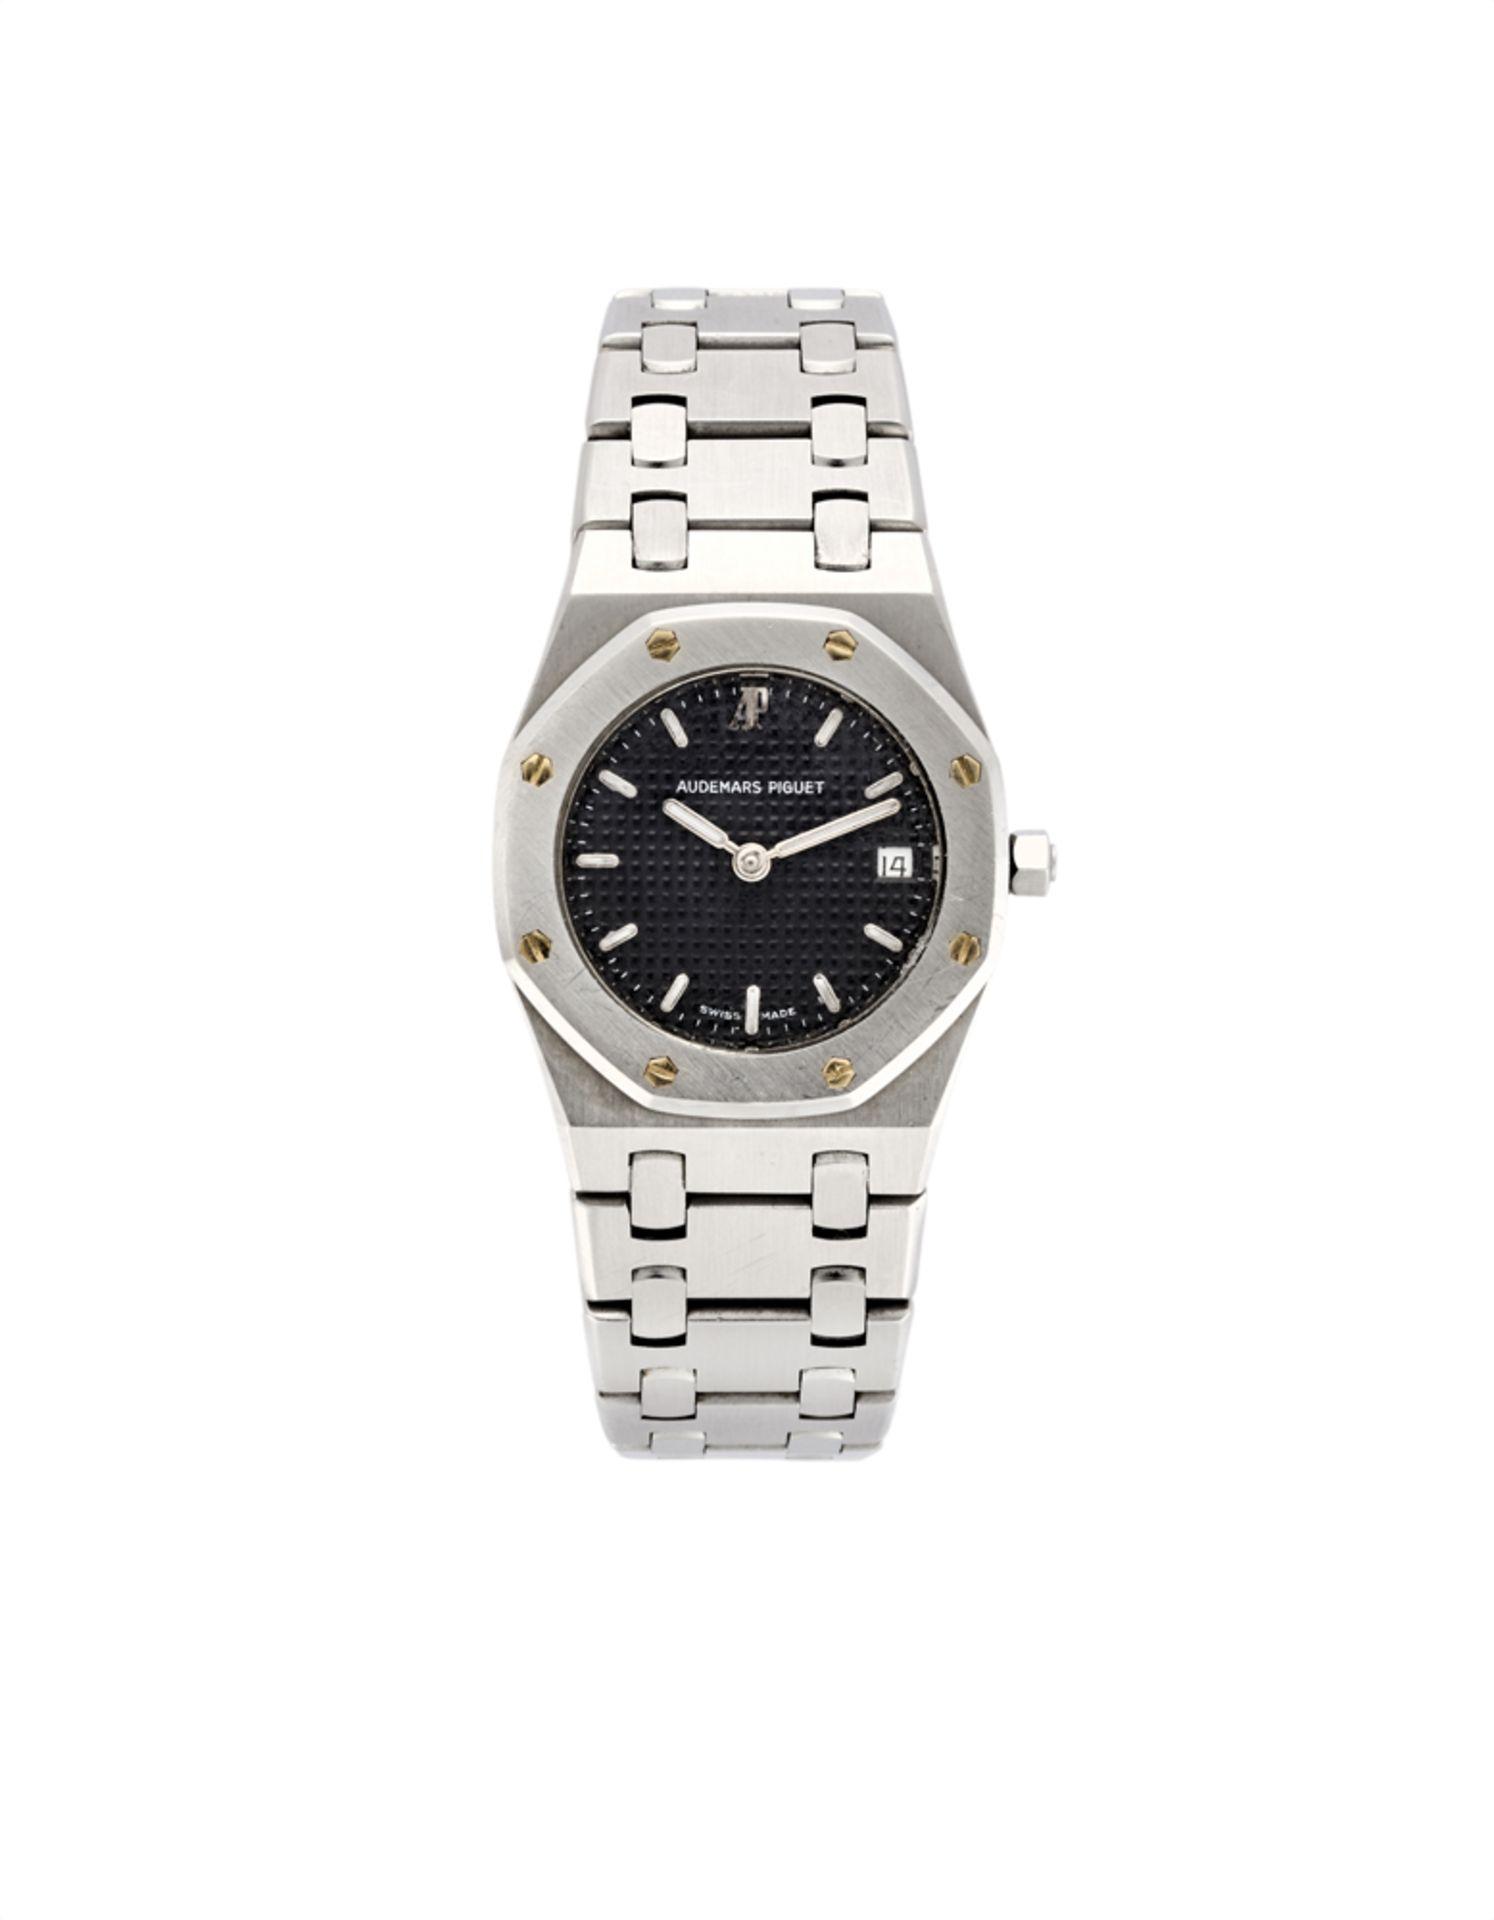 AUDEMARS PIGUET ROYAL OAK<br>Lady's steel wristwatch<br>1990s<br>Dial, movement and case signed<br>Q